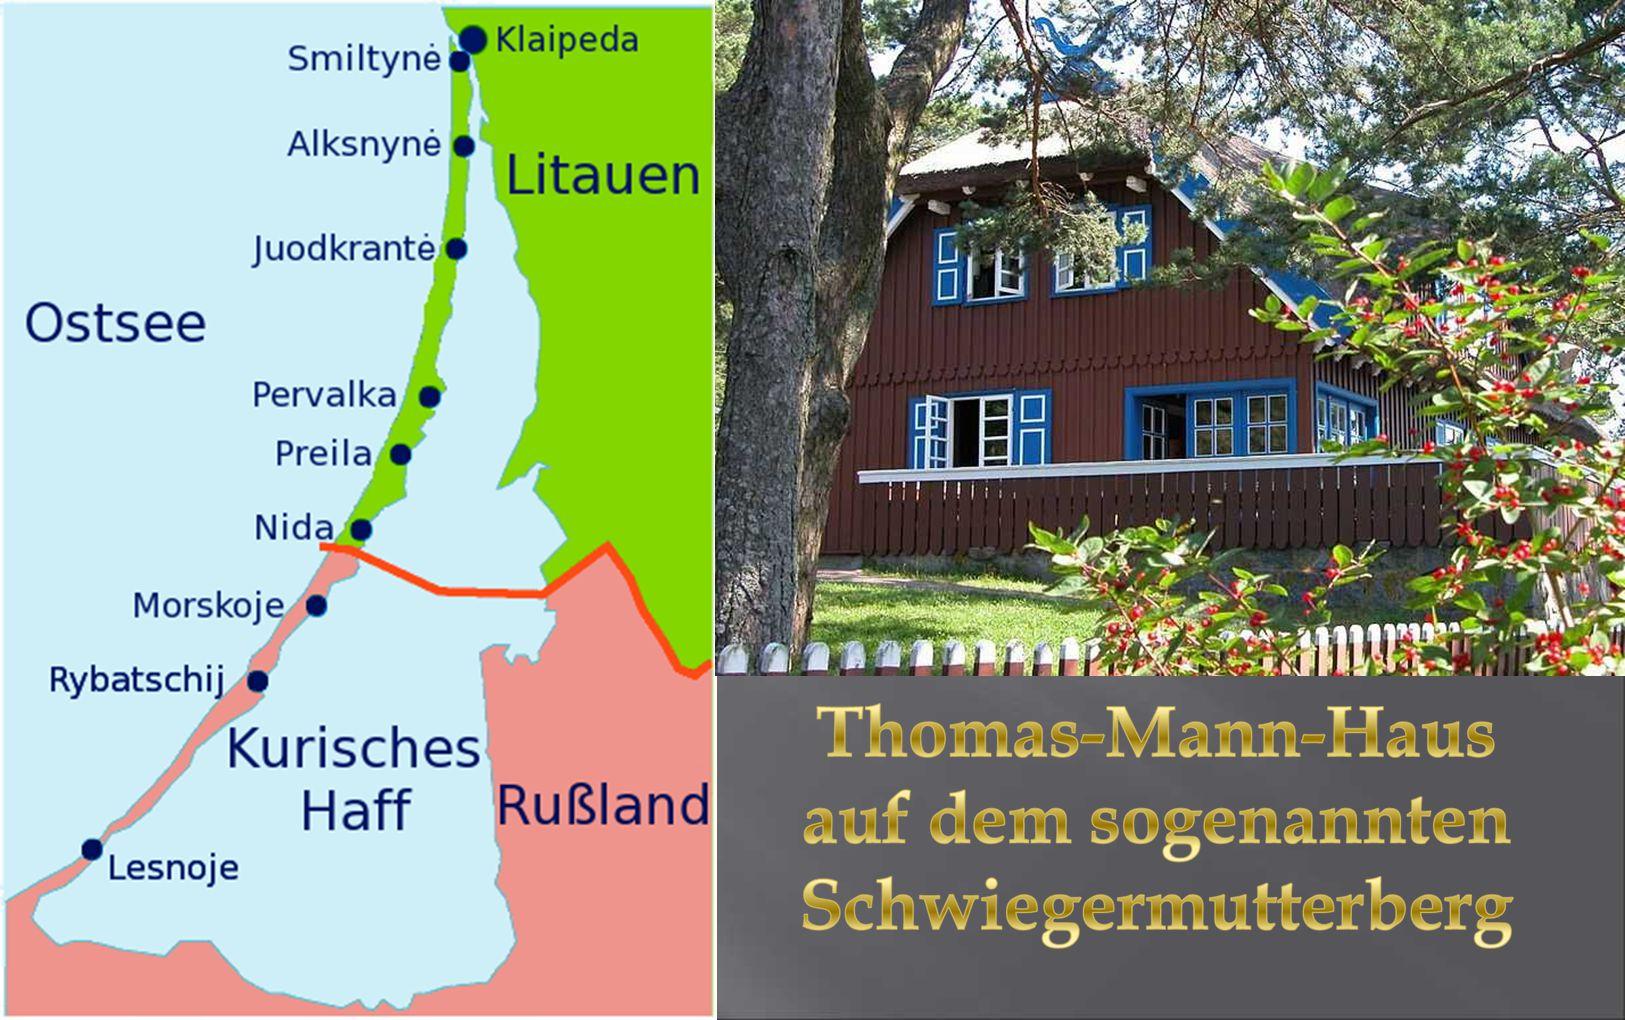 Nida (deutsch Nidden) ist eine Ortschaft in Litauen auf der Kurischen Nehrung an der Ostsee.